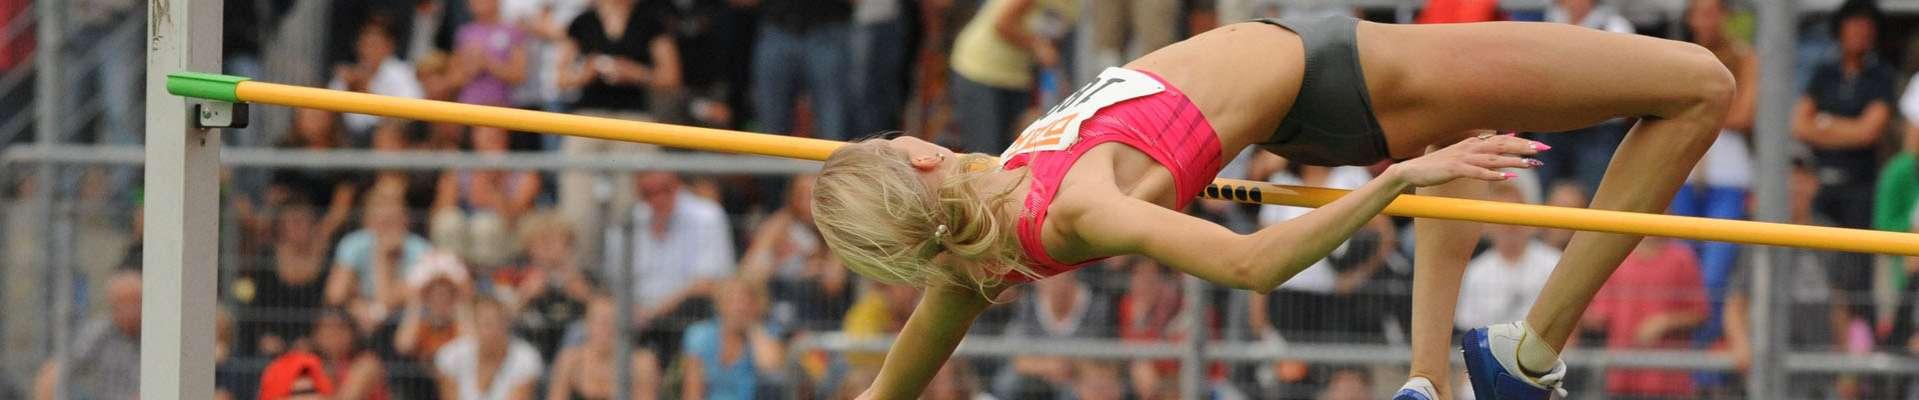 Teaser Projekte im Leistungssport: Frau beim Hochsprung